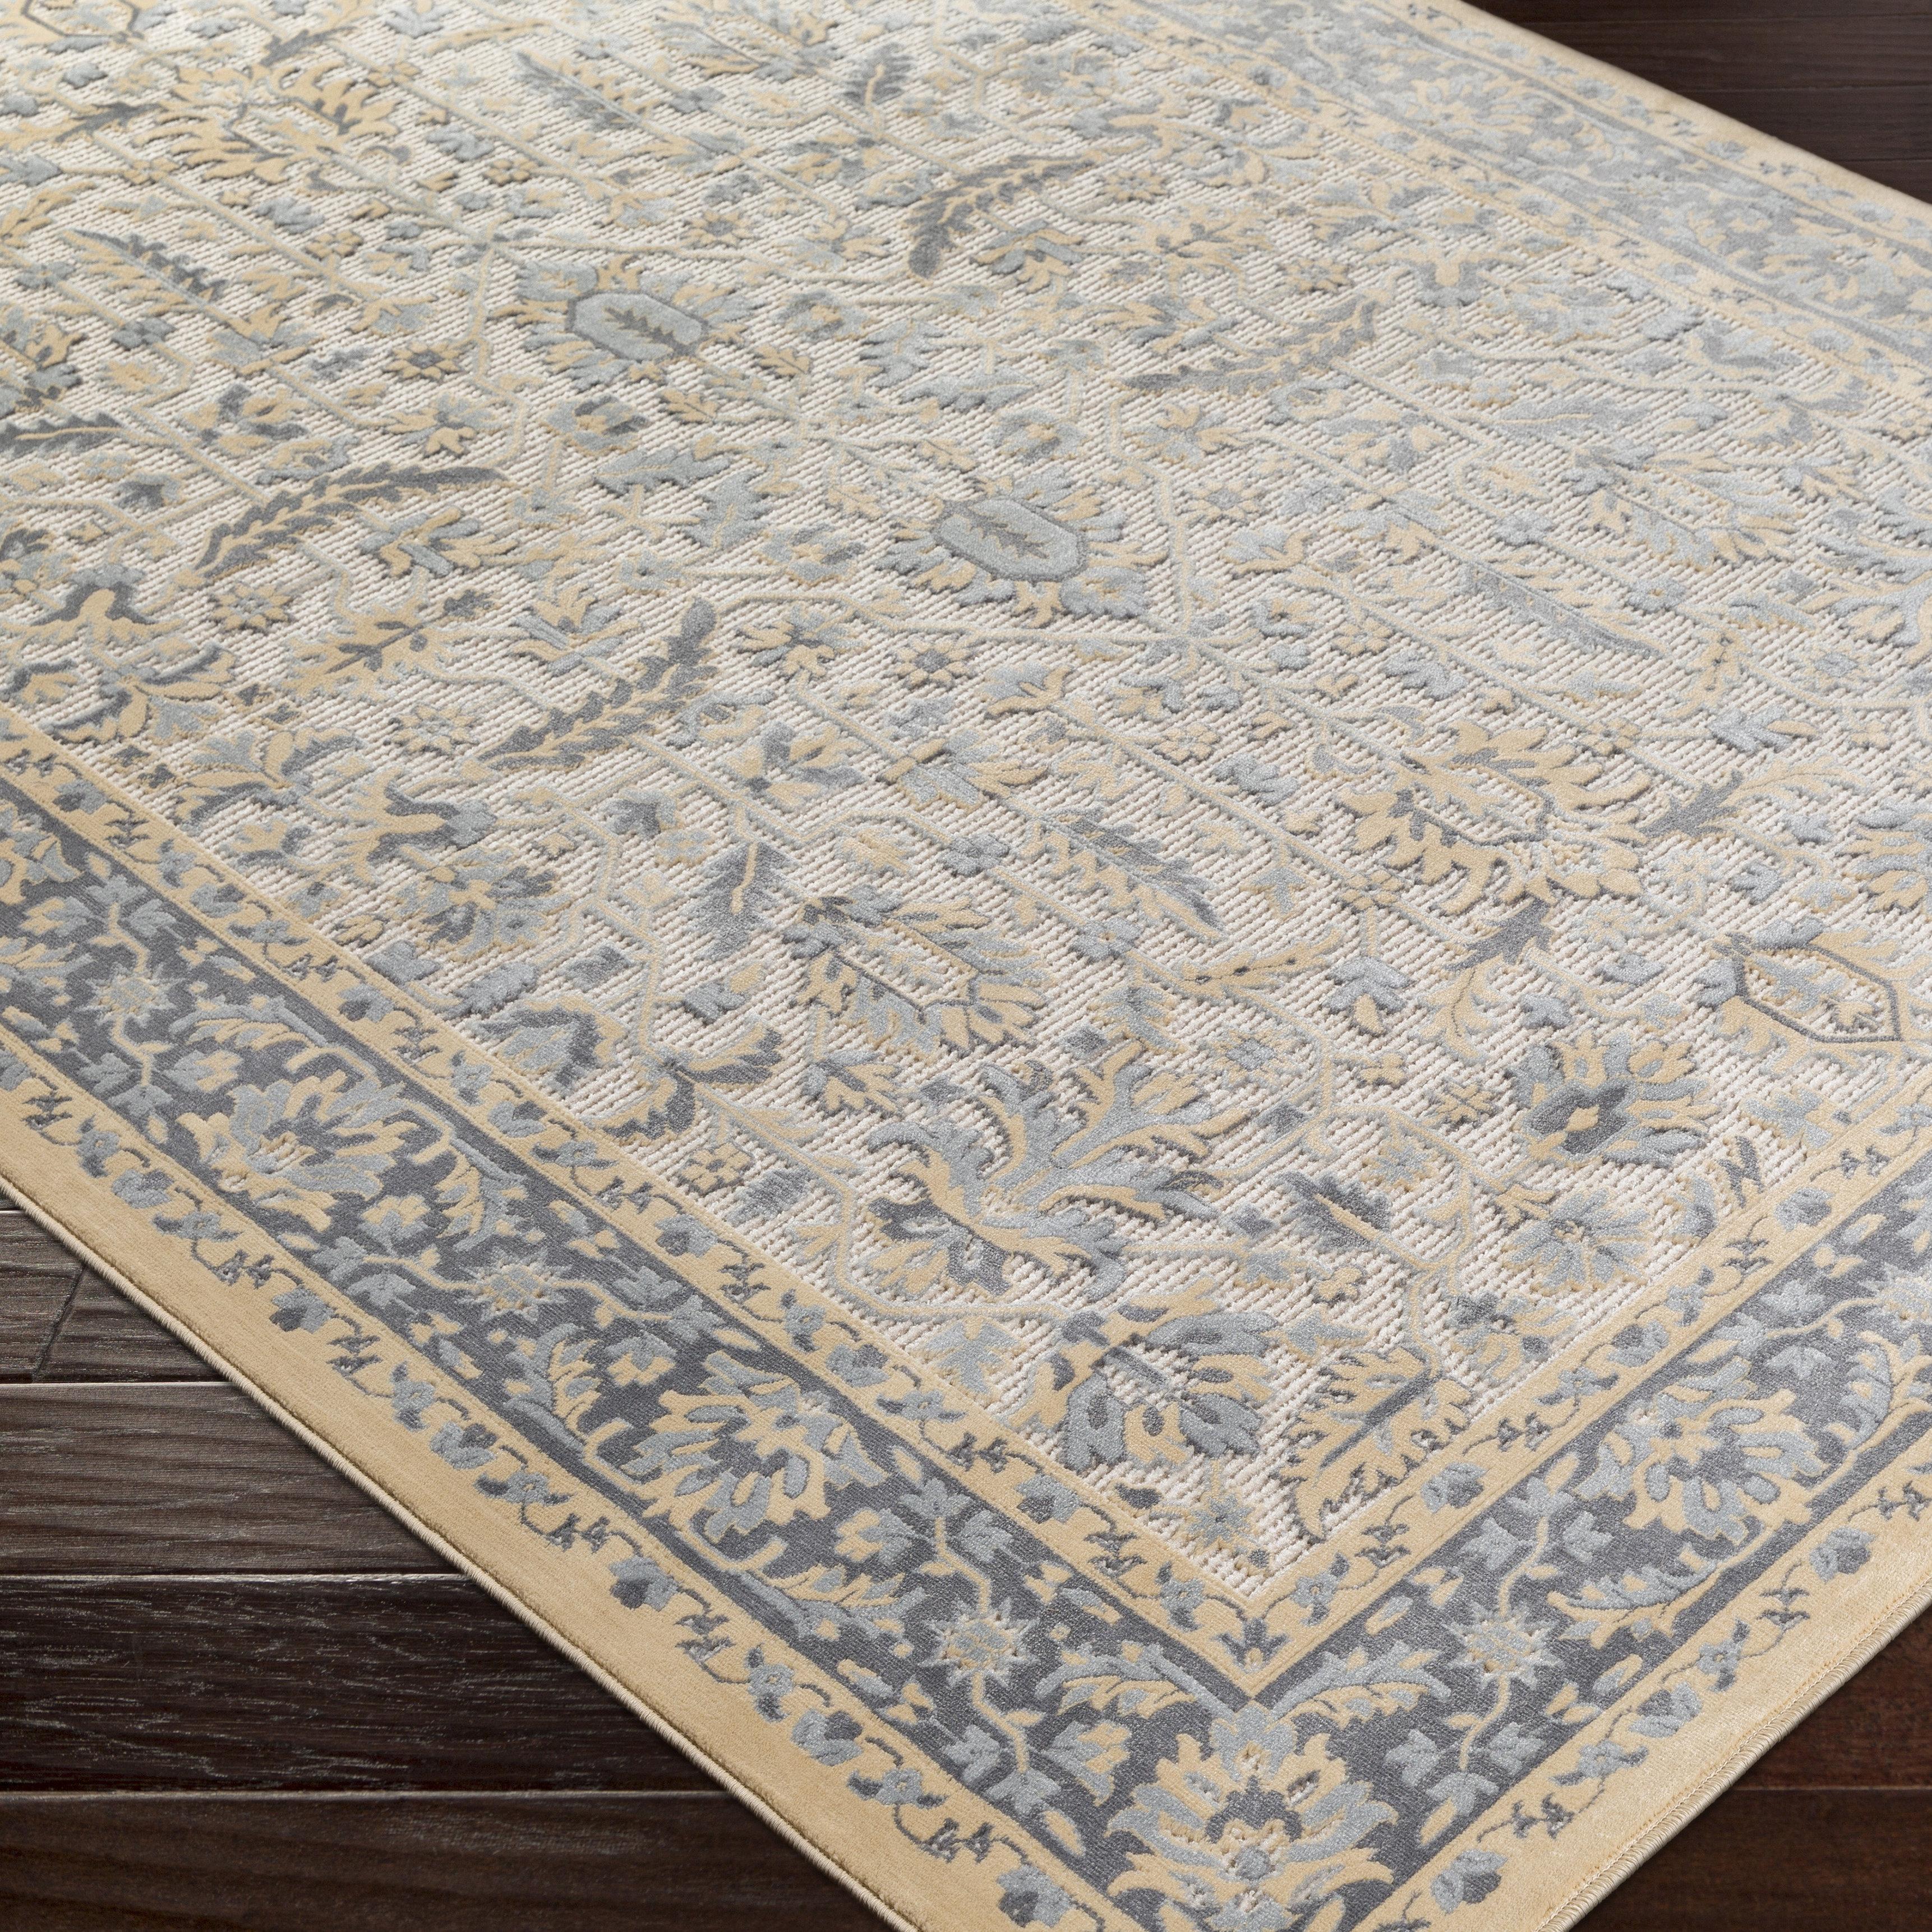 pads rugpadriskstheycarry carpet rugpadrisks rug padding category